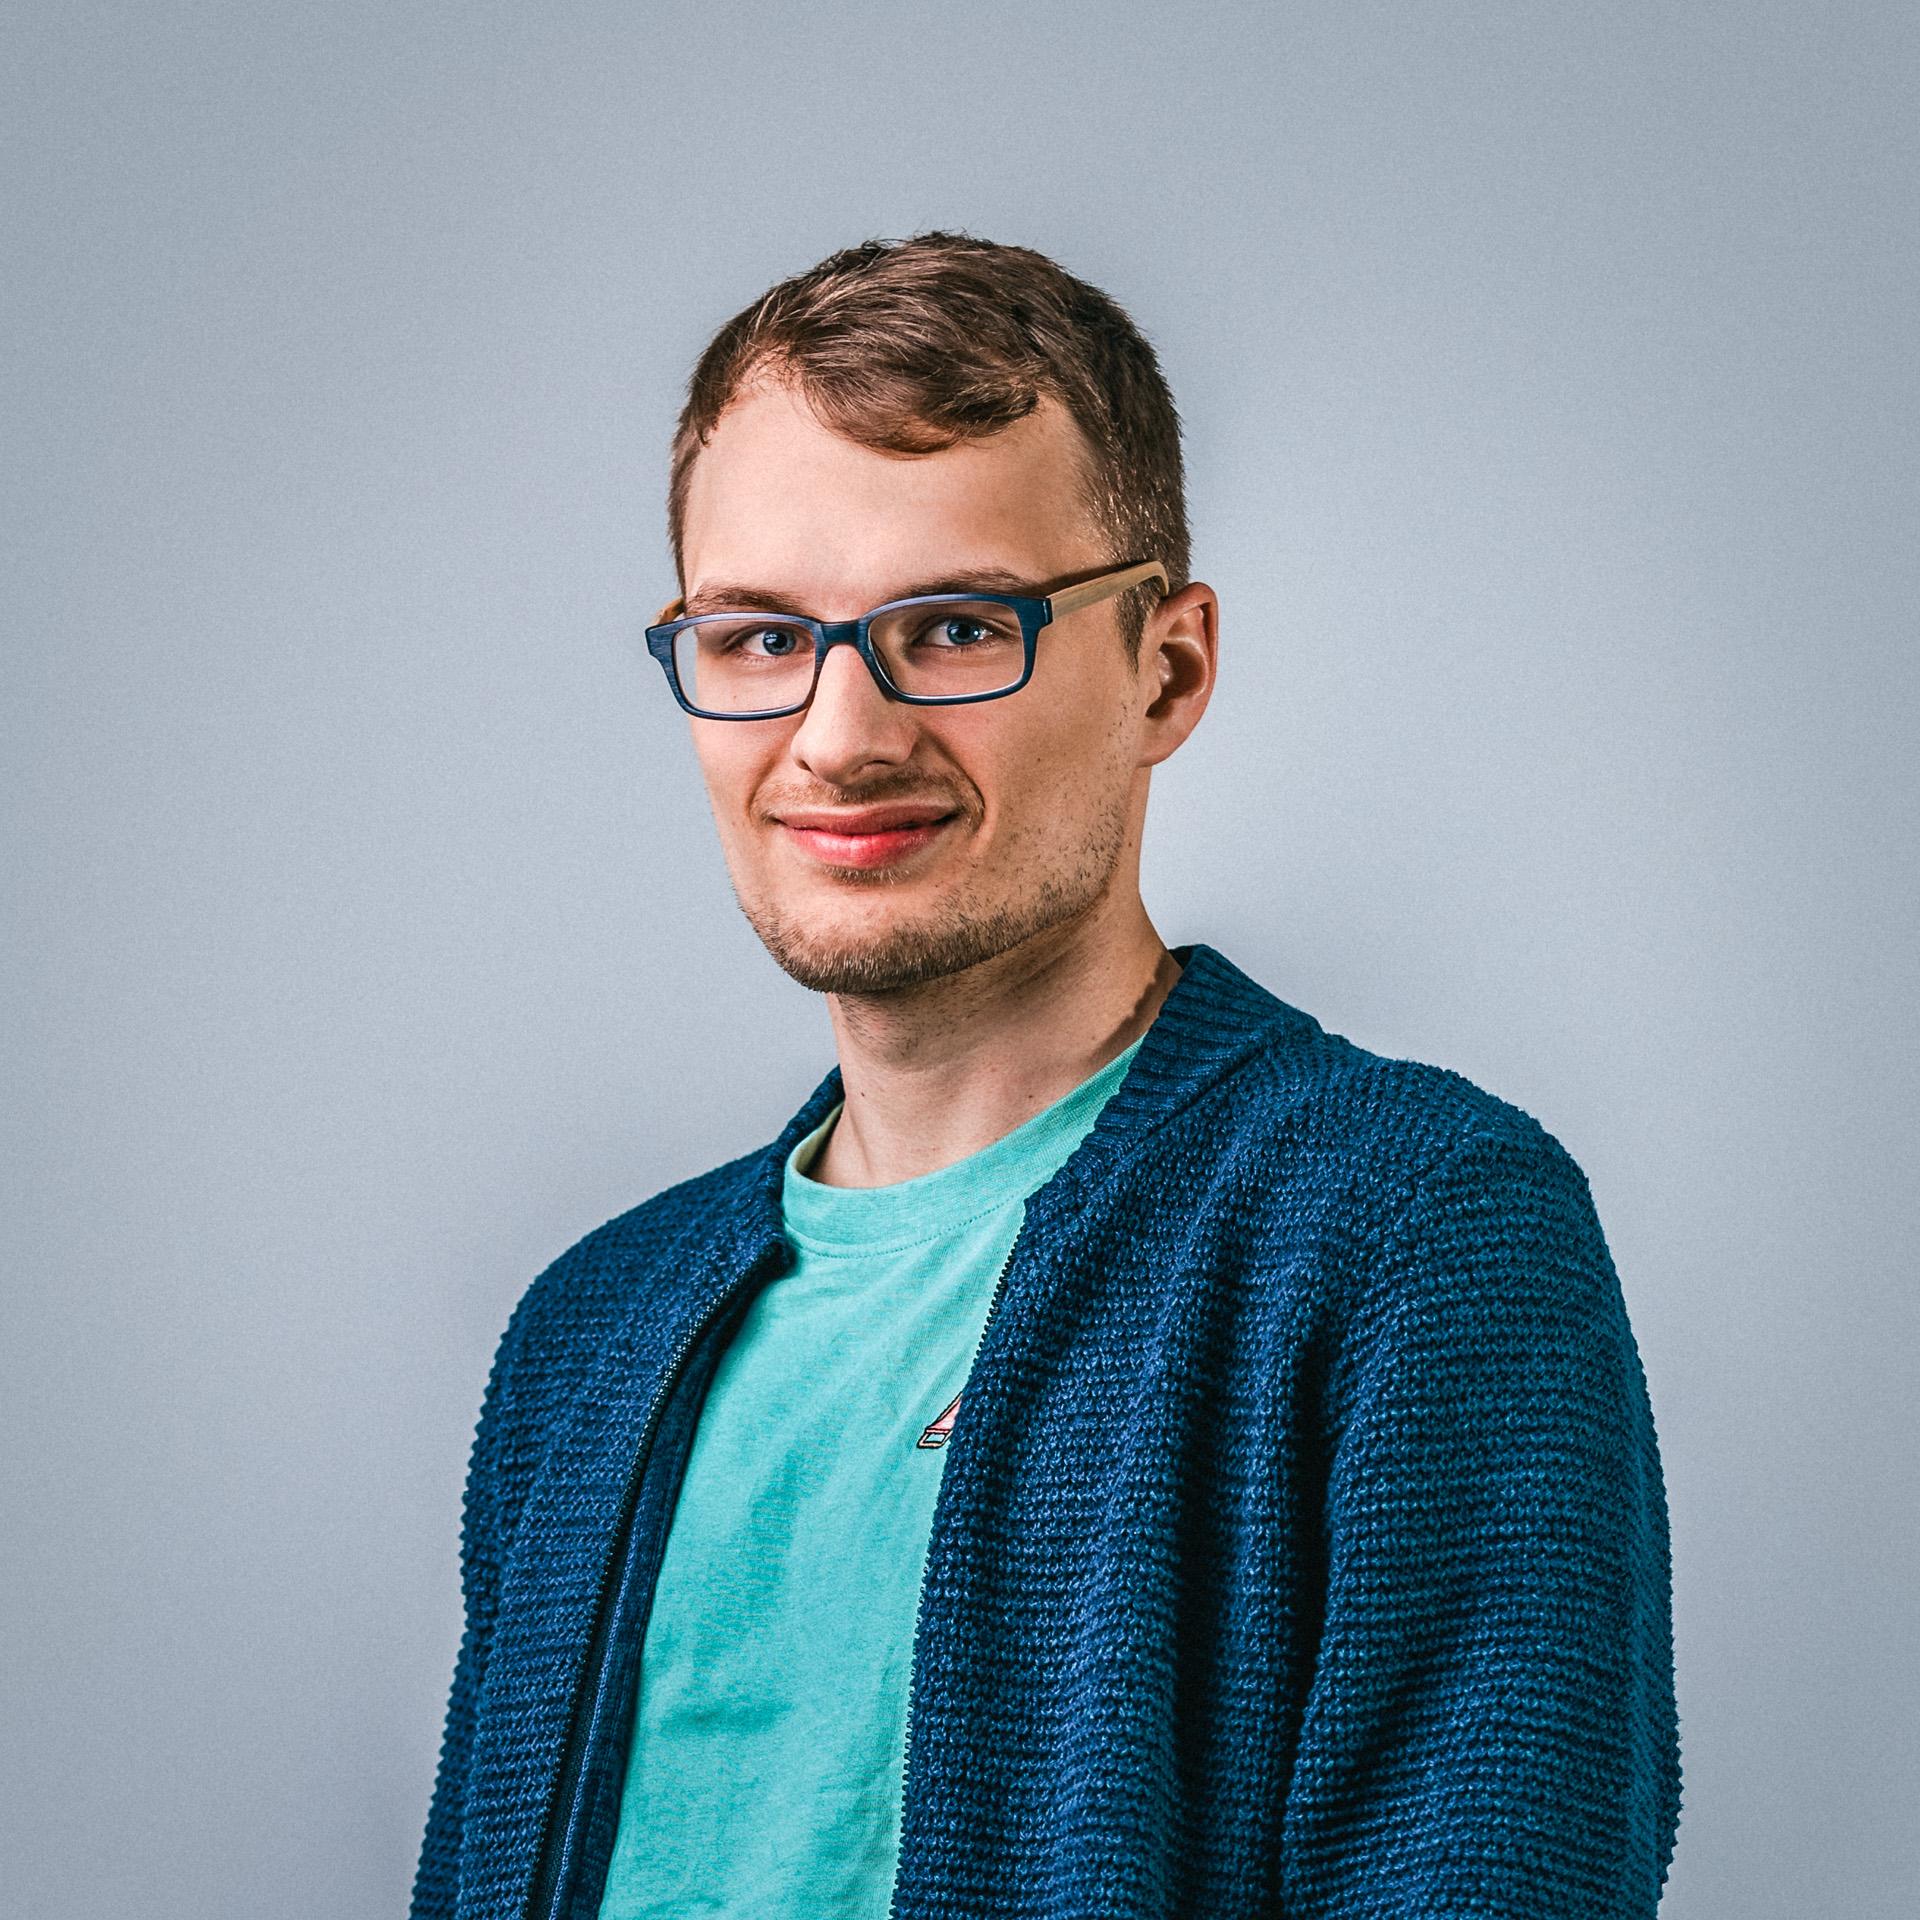 Carsten Göpfert - Quintense